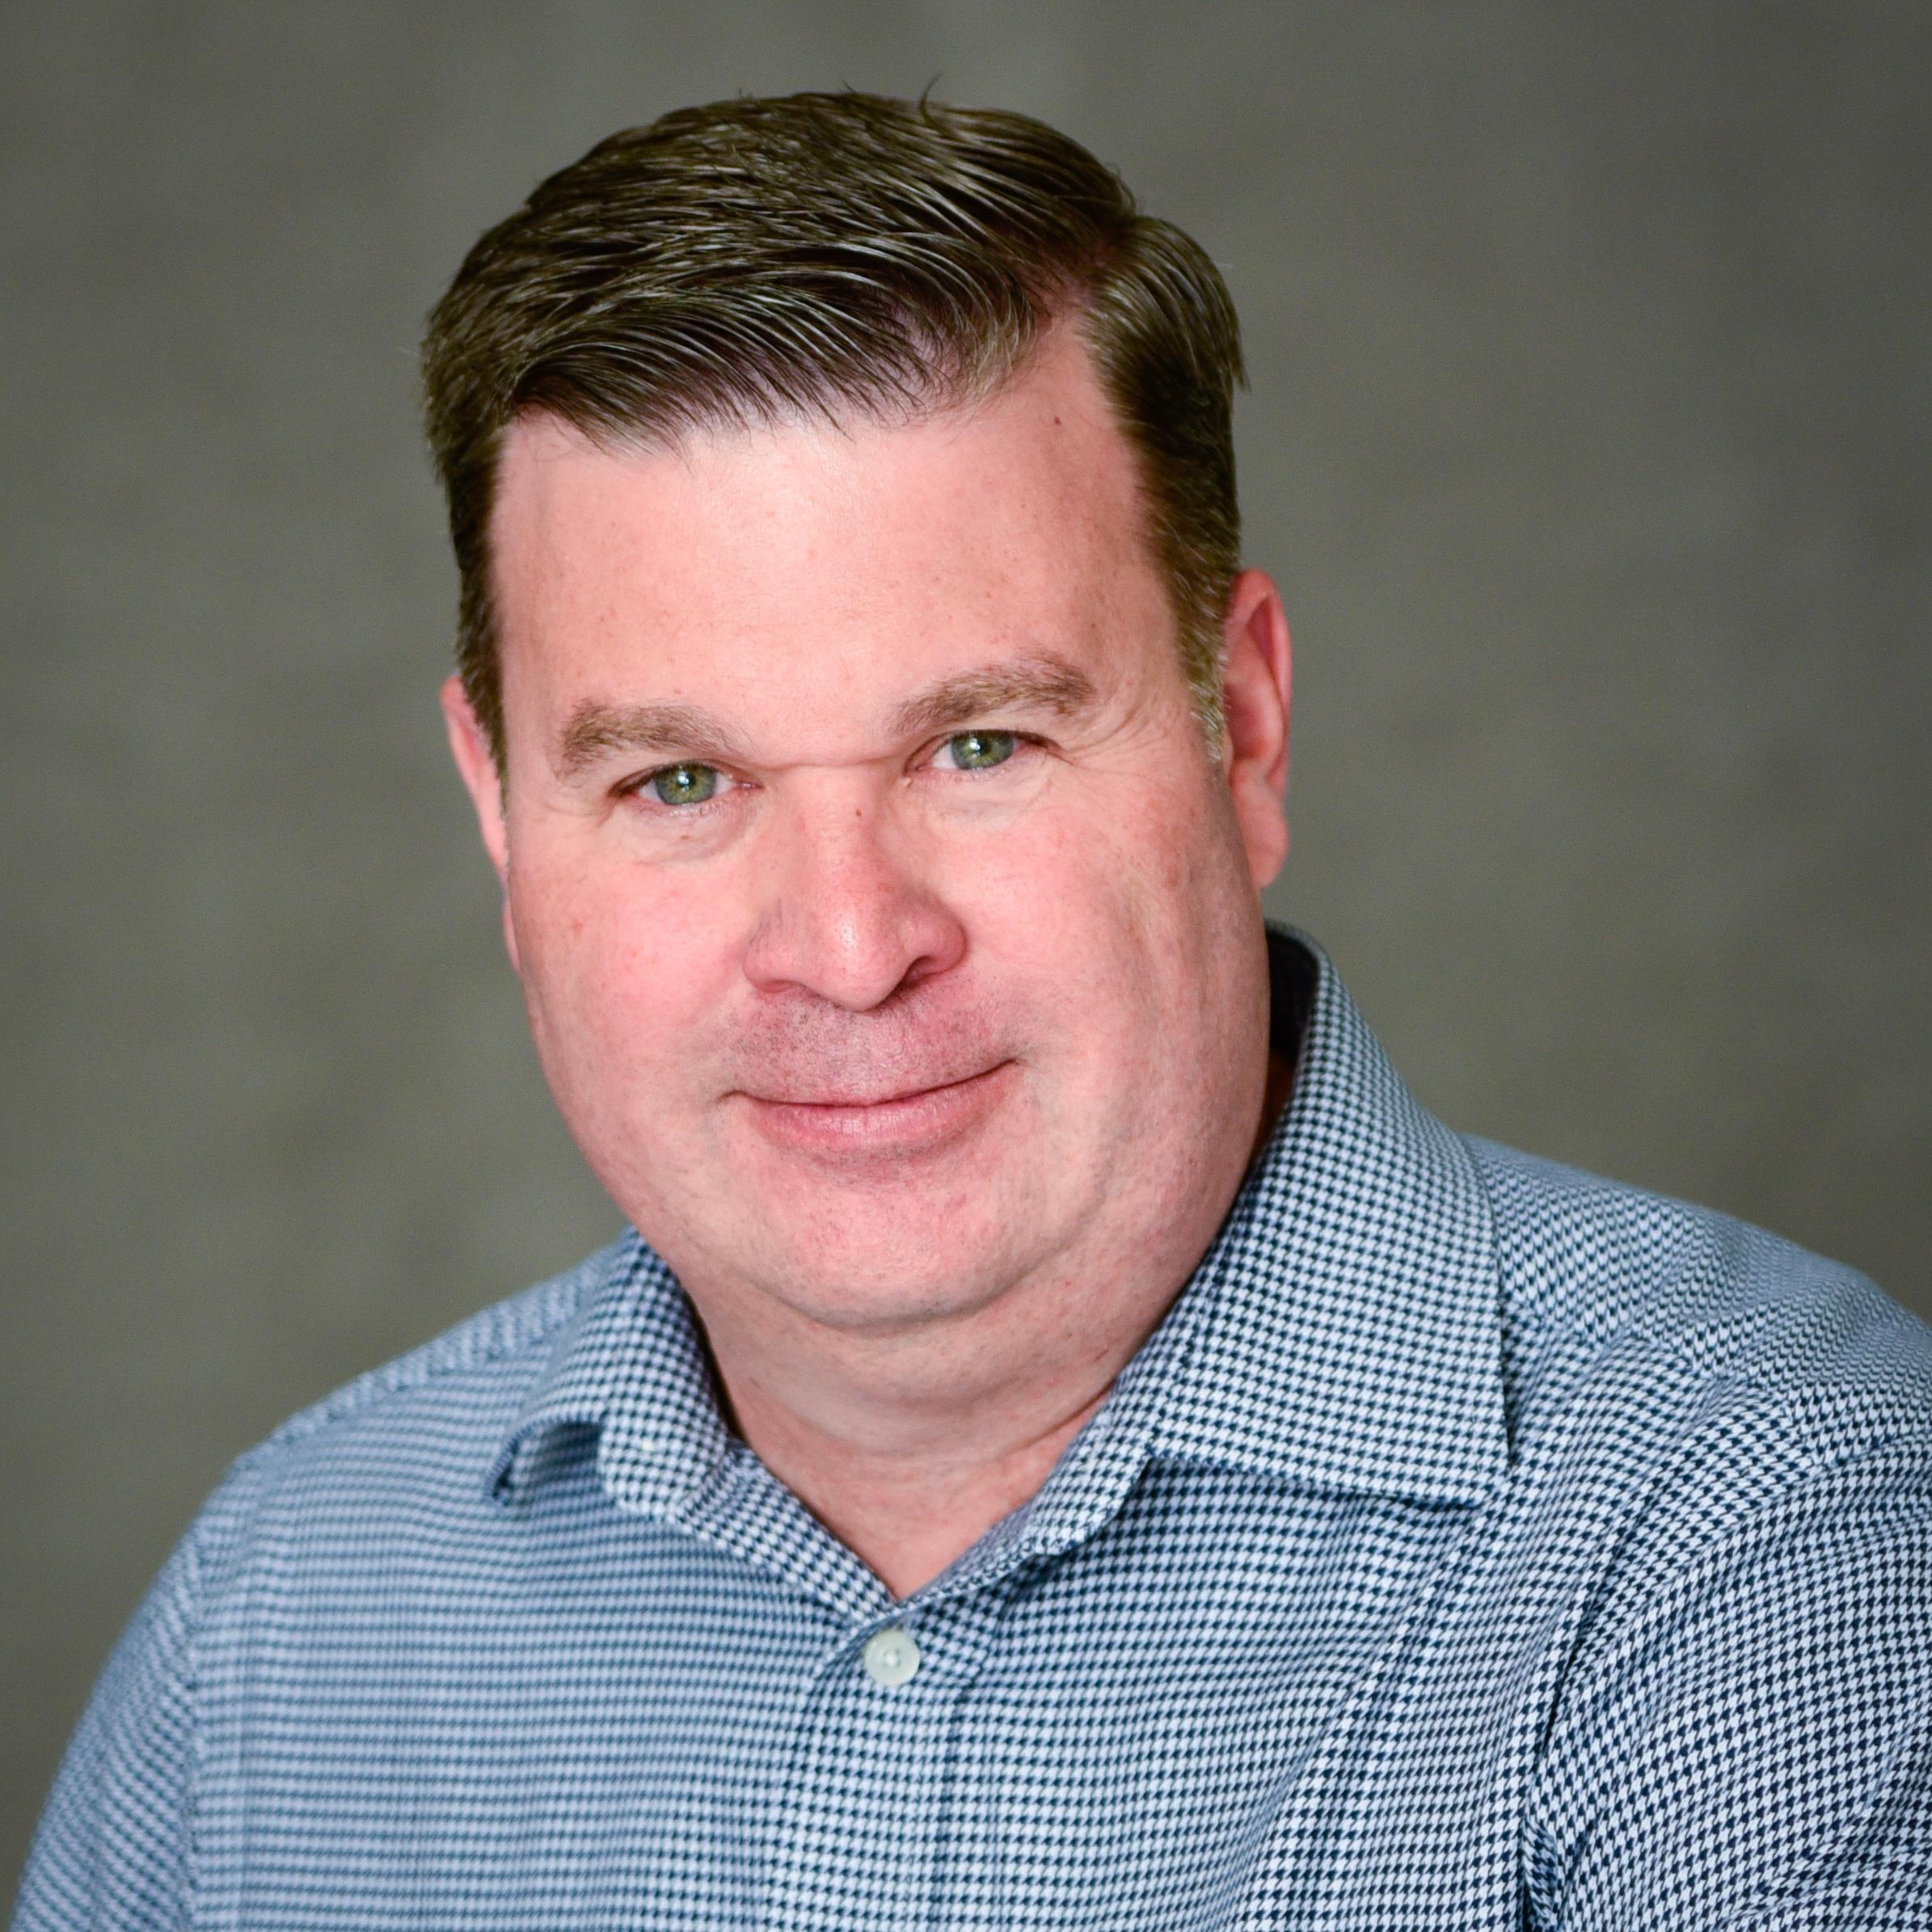 David Heit, Architect, Civium